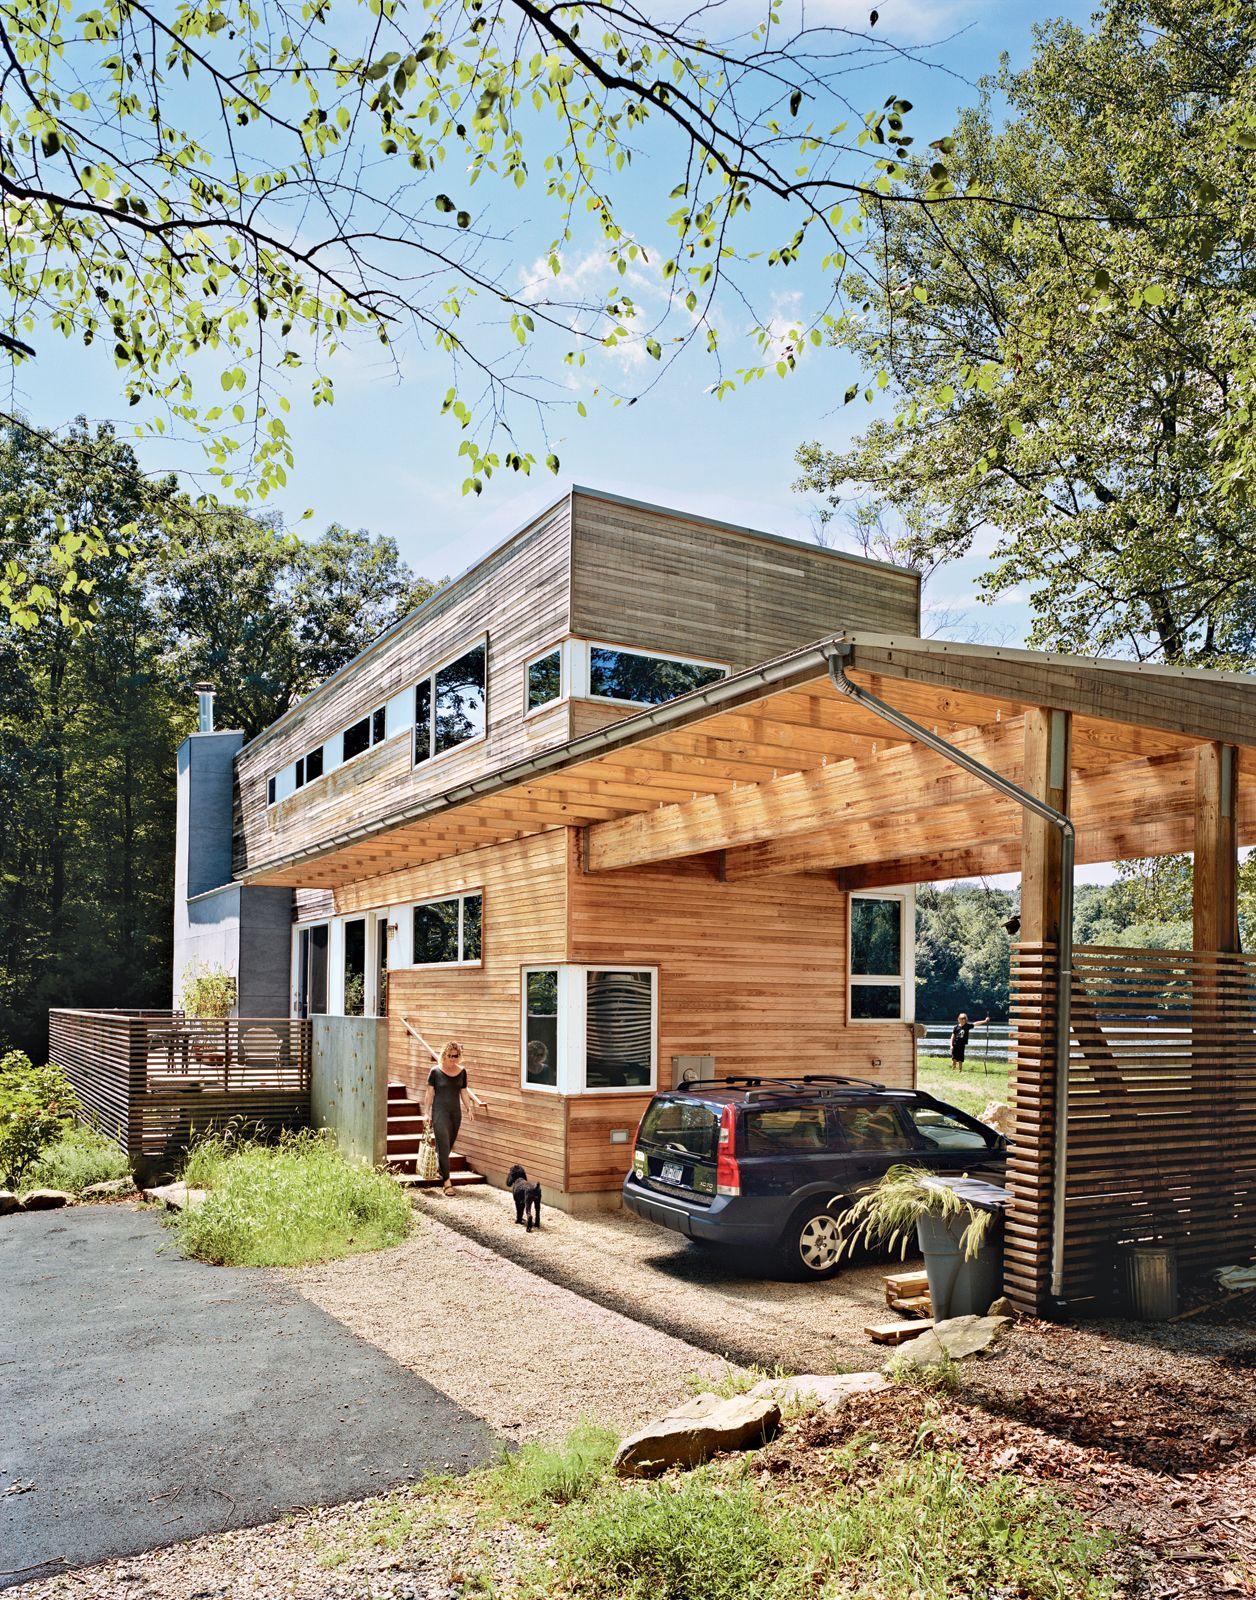 Auvent en bois dans une maison en bois